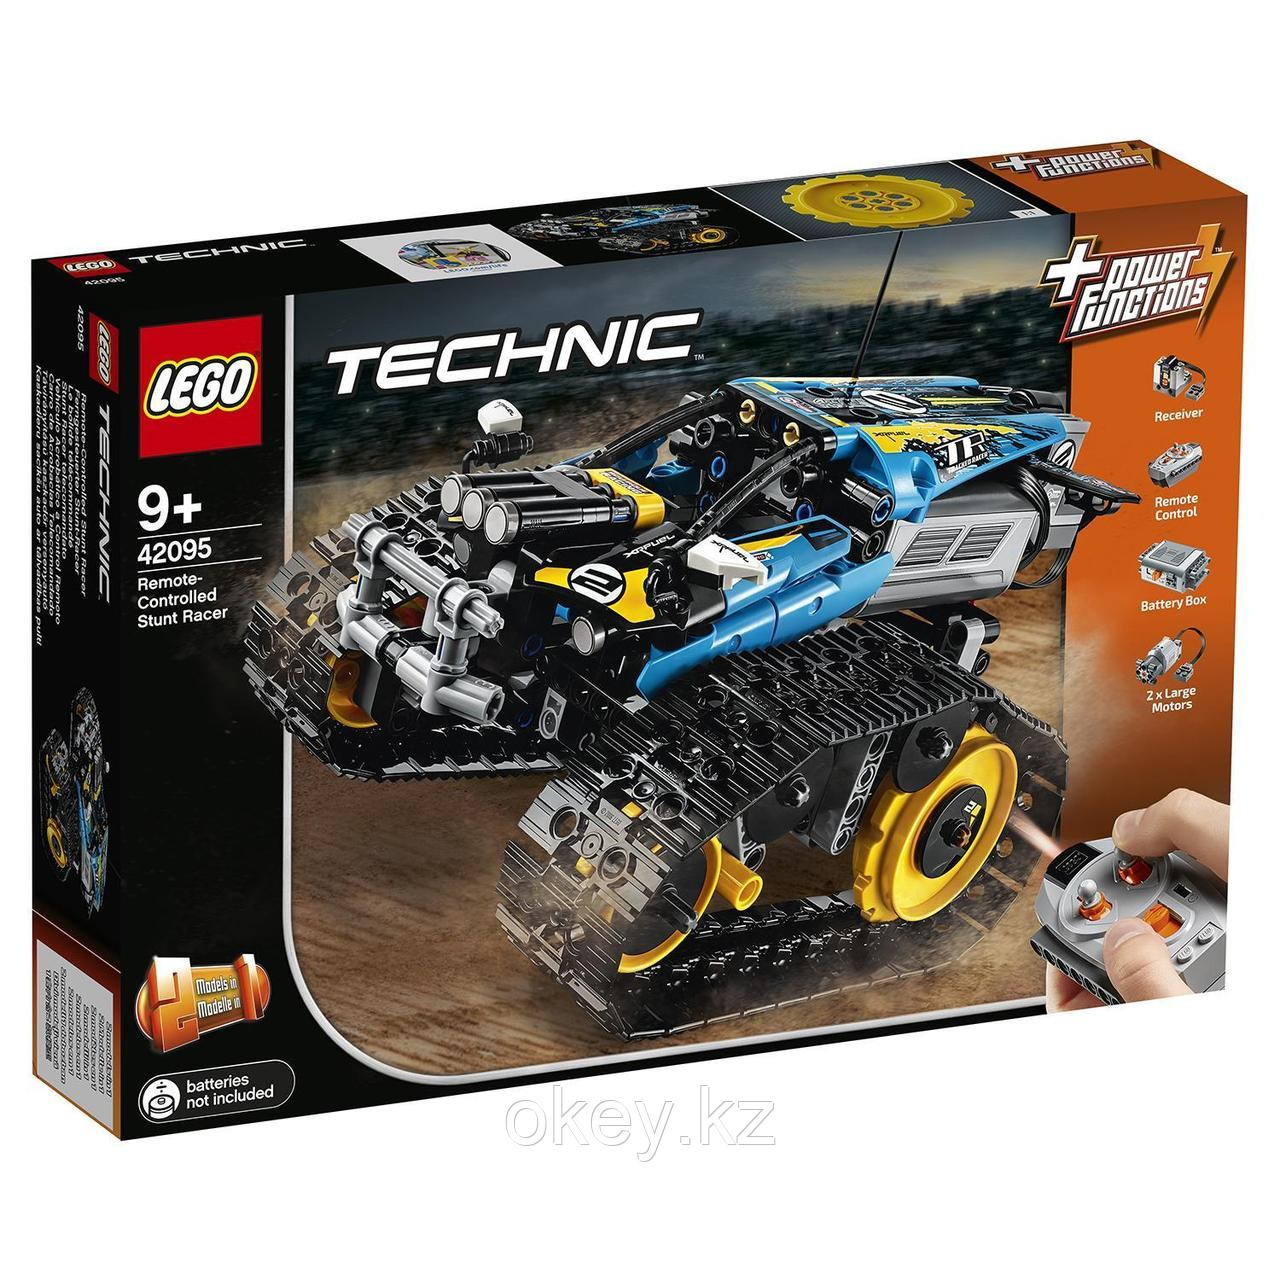 LEGO Technic: Скоростной вездеход с дистанционным управлением 42095